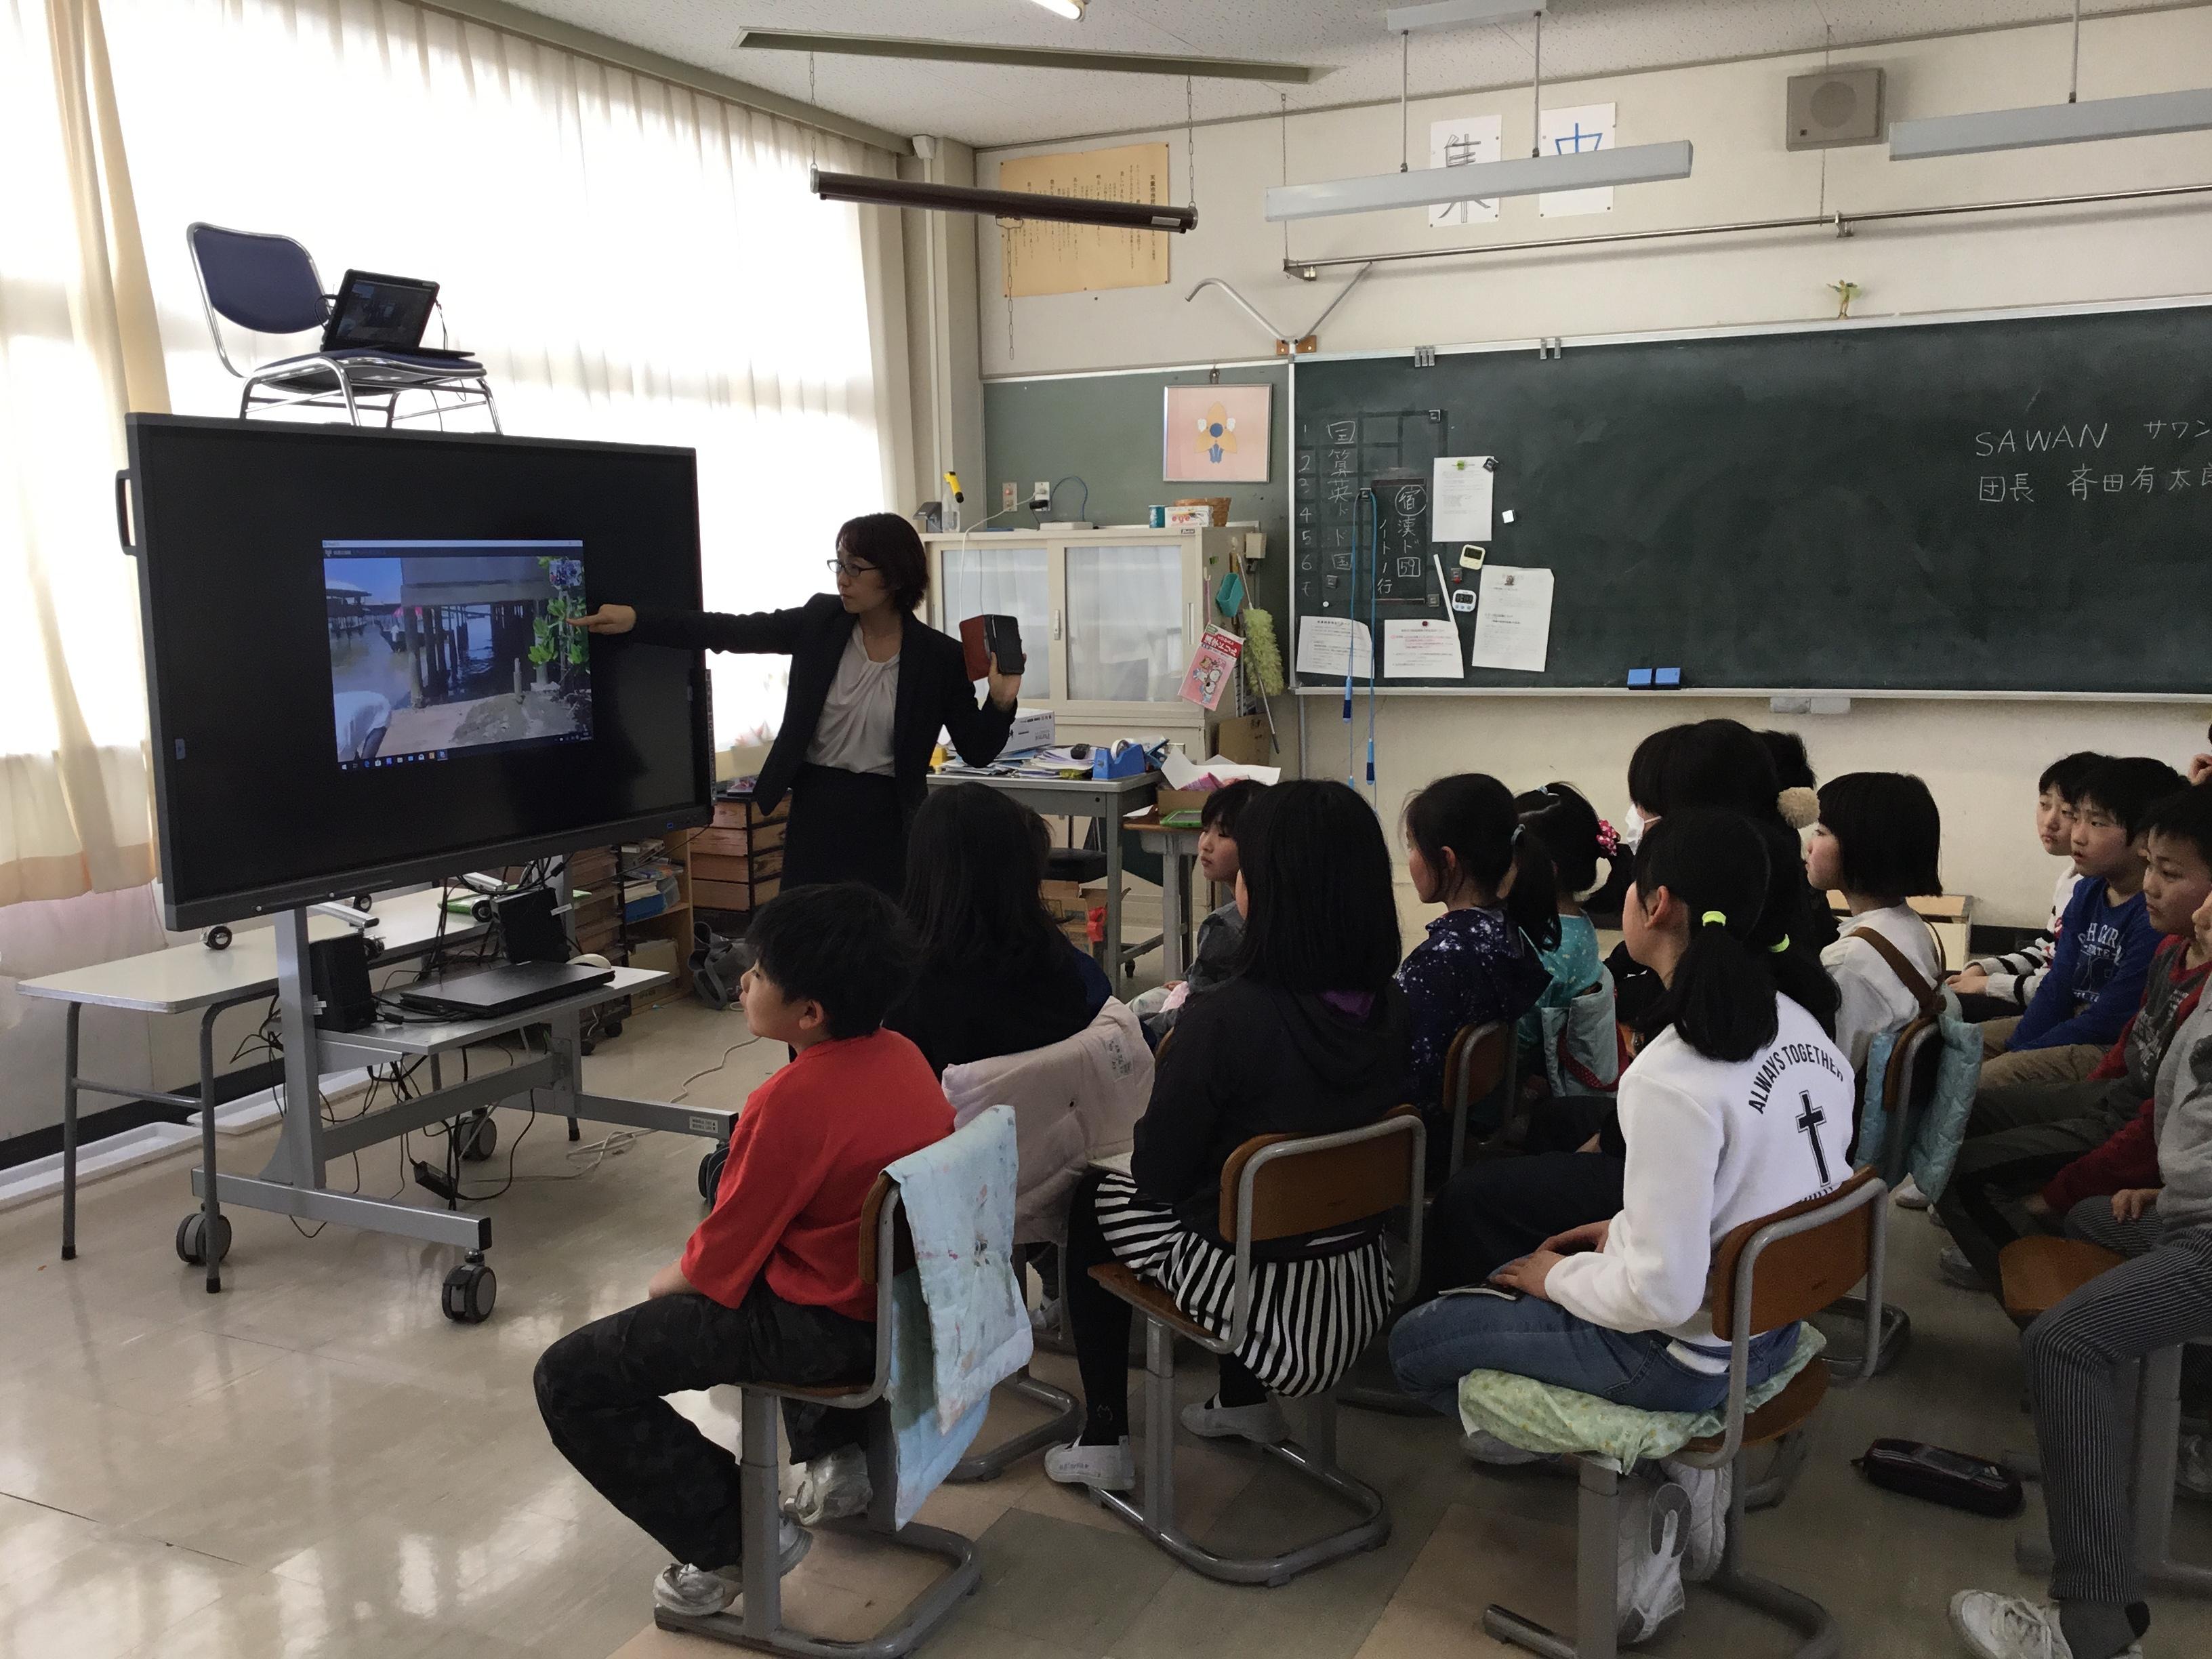 【月刊 SAWAN】~SAWANが繋ぐ地球環境について語り合う子供たち~